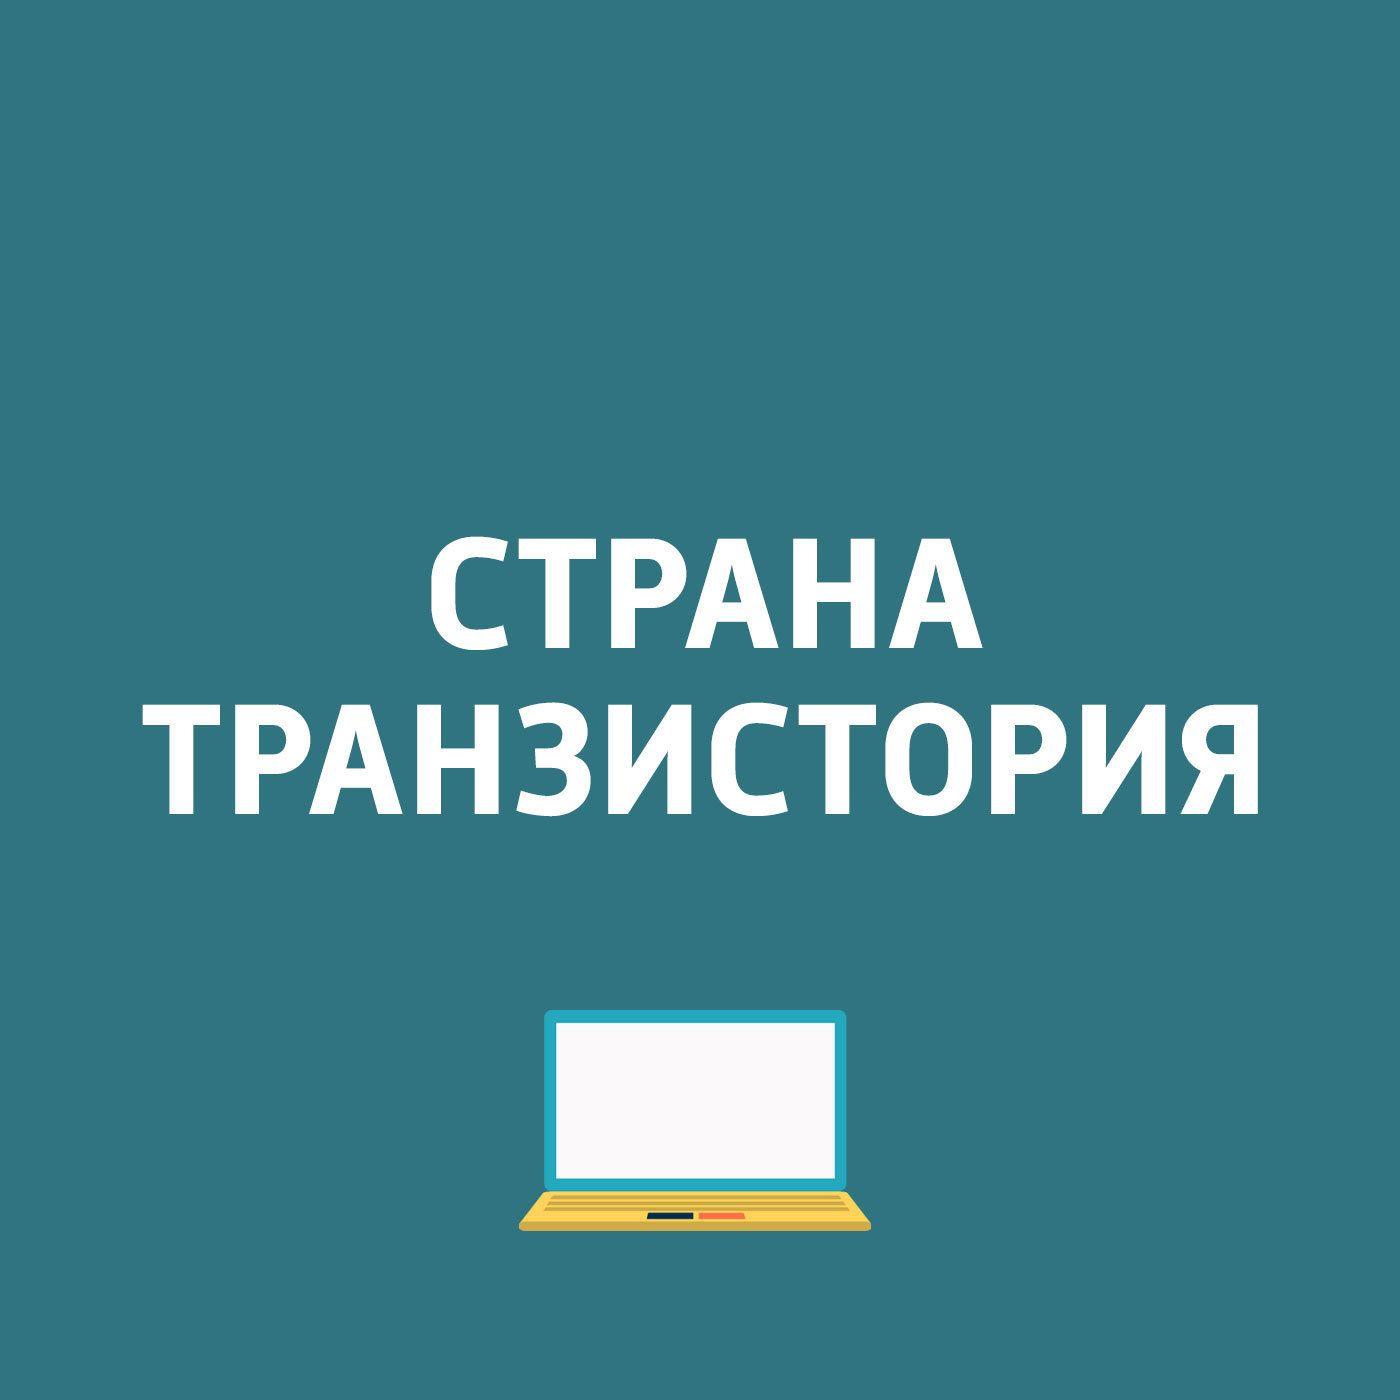 Картаев Павел Что подарить женщине из гаджетов на 8 марта? цена и фото